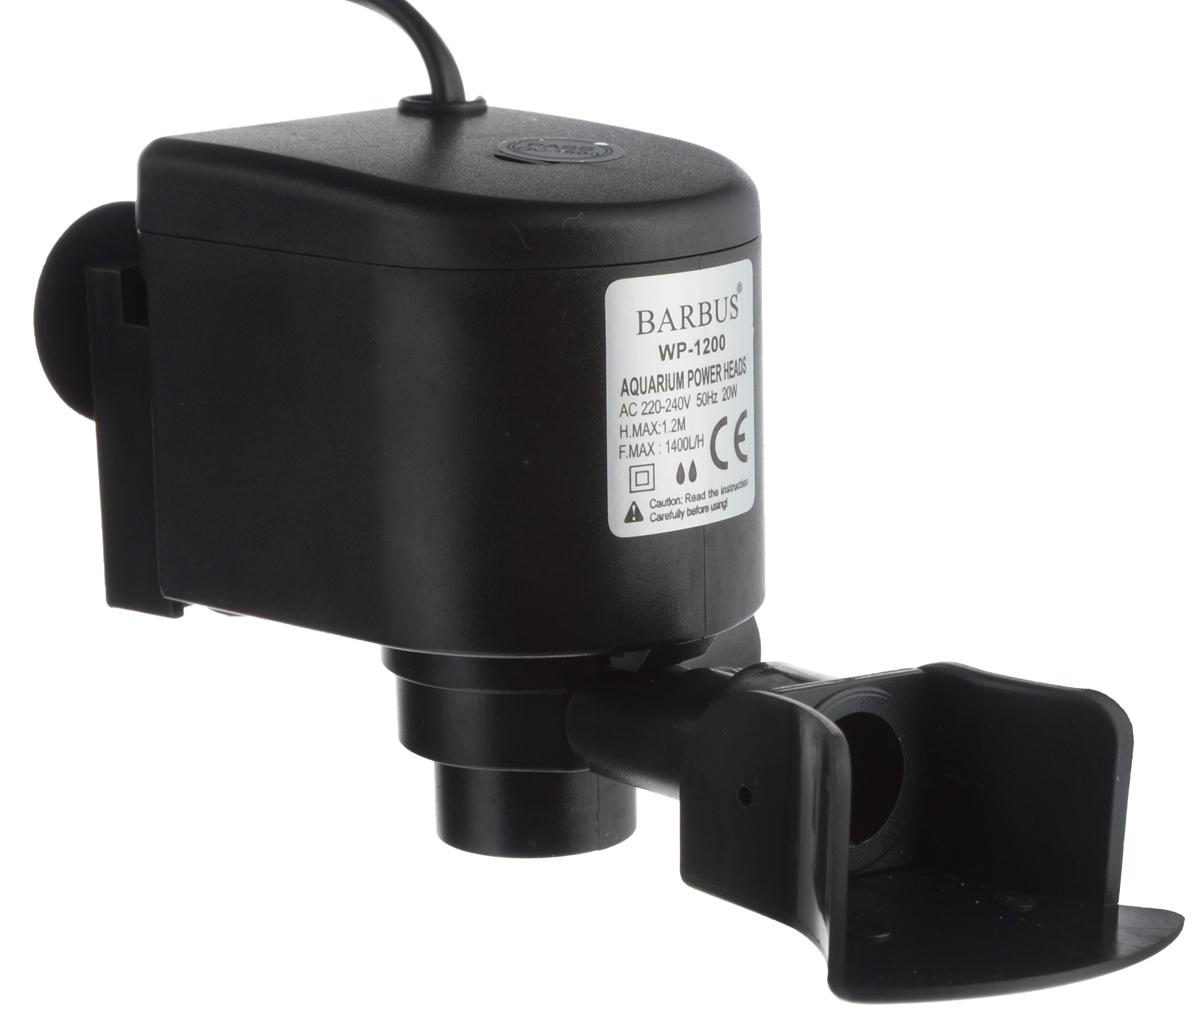 Помпа для аквариума Barbus WP-1200, водяная, 1400 л/ч, 20 Вт фильтр для аквариума barbus wp 310f внутренний с регулятором и флейтой 200 л ч